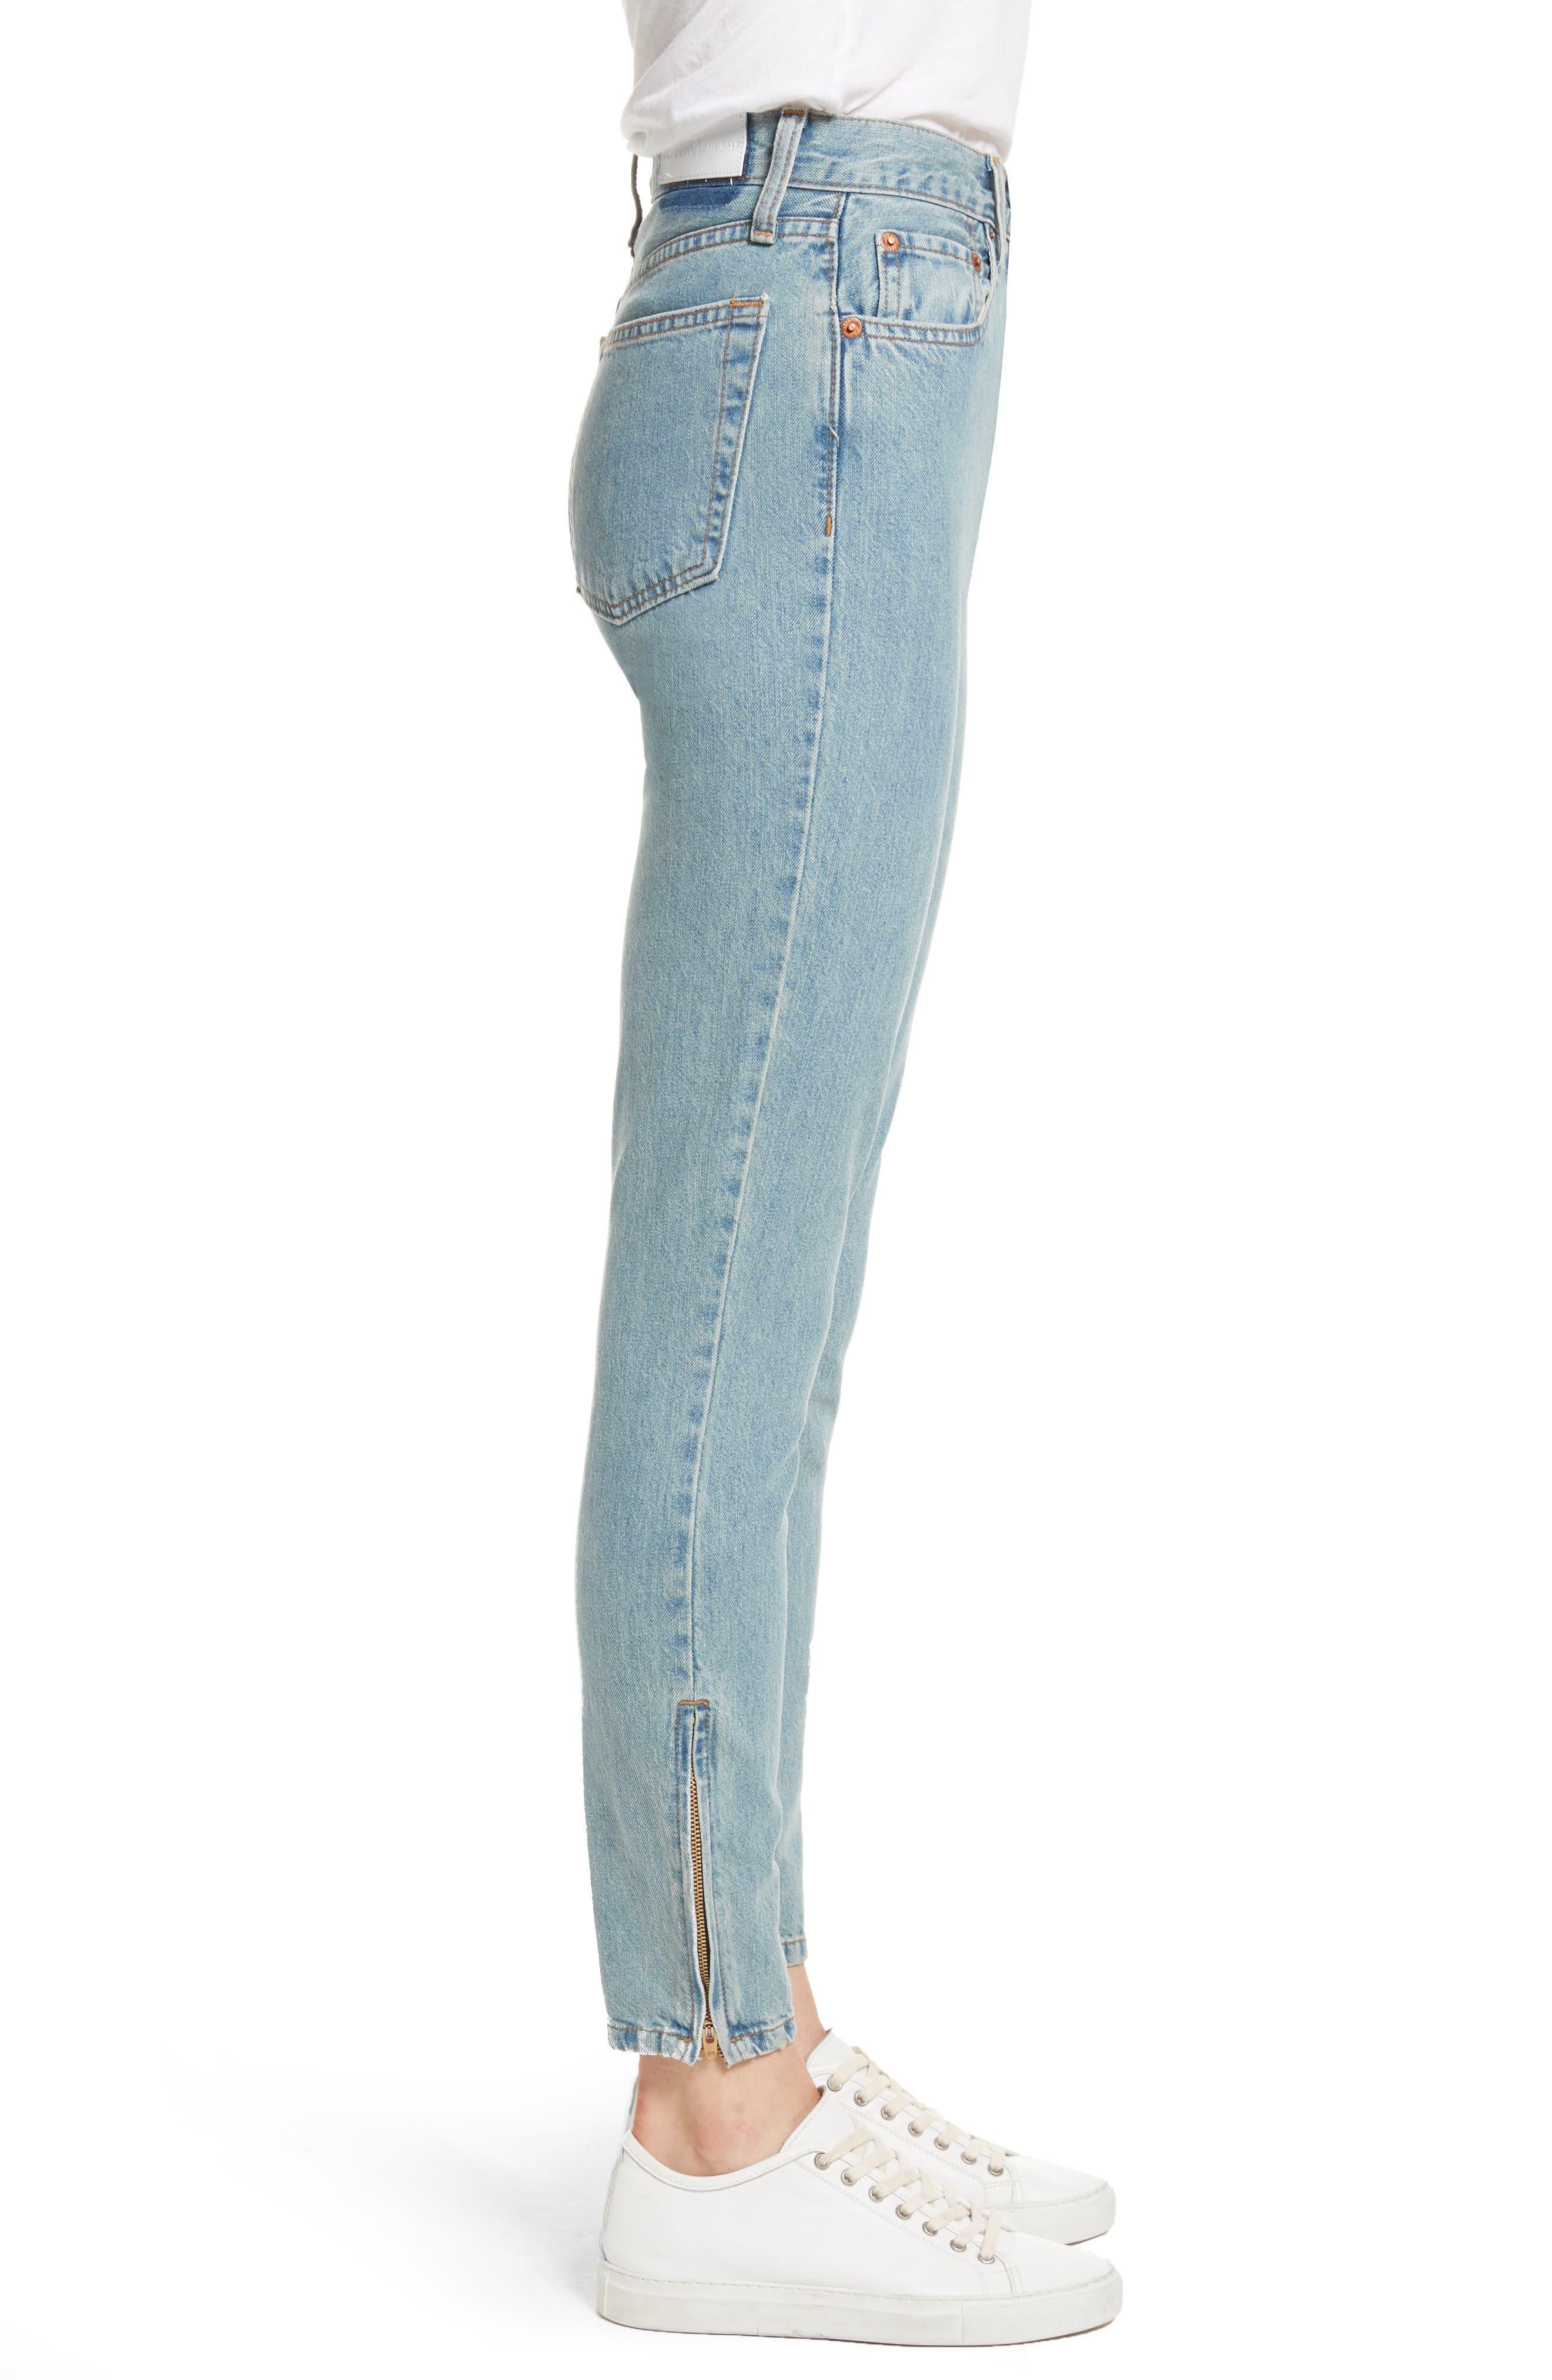 Originals High Waist Ankle Zip Jeans,                             Alternate thumbnail 3, color,                             90S